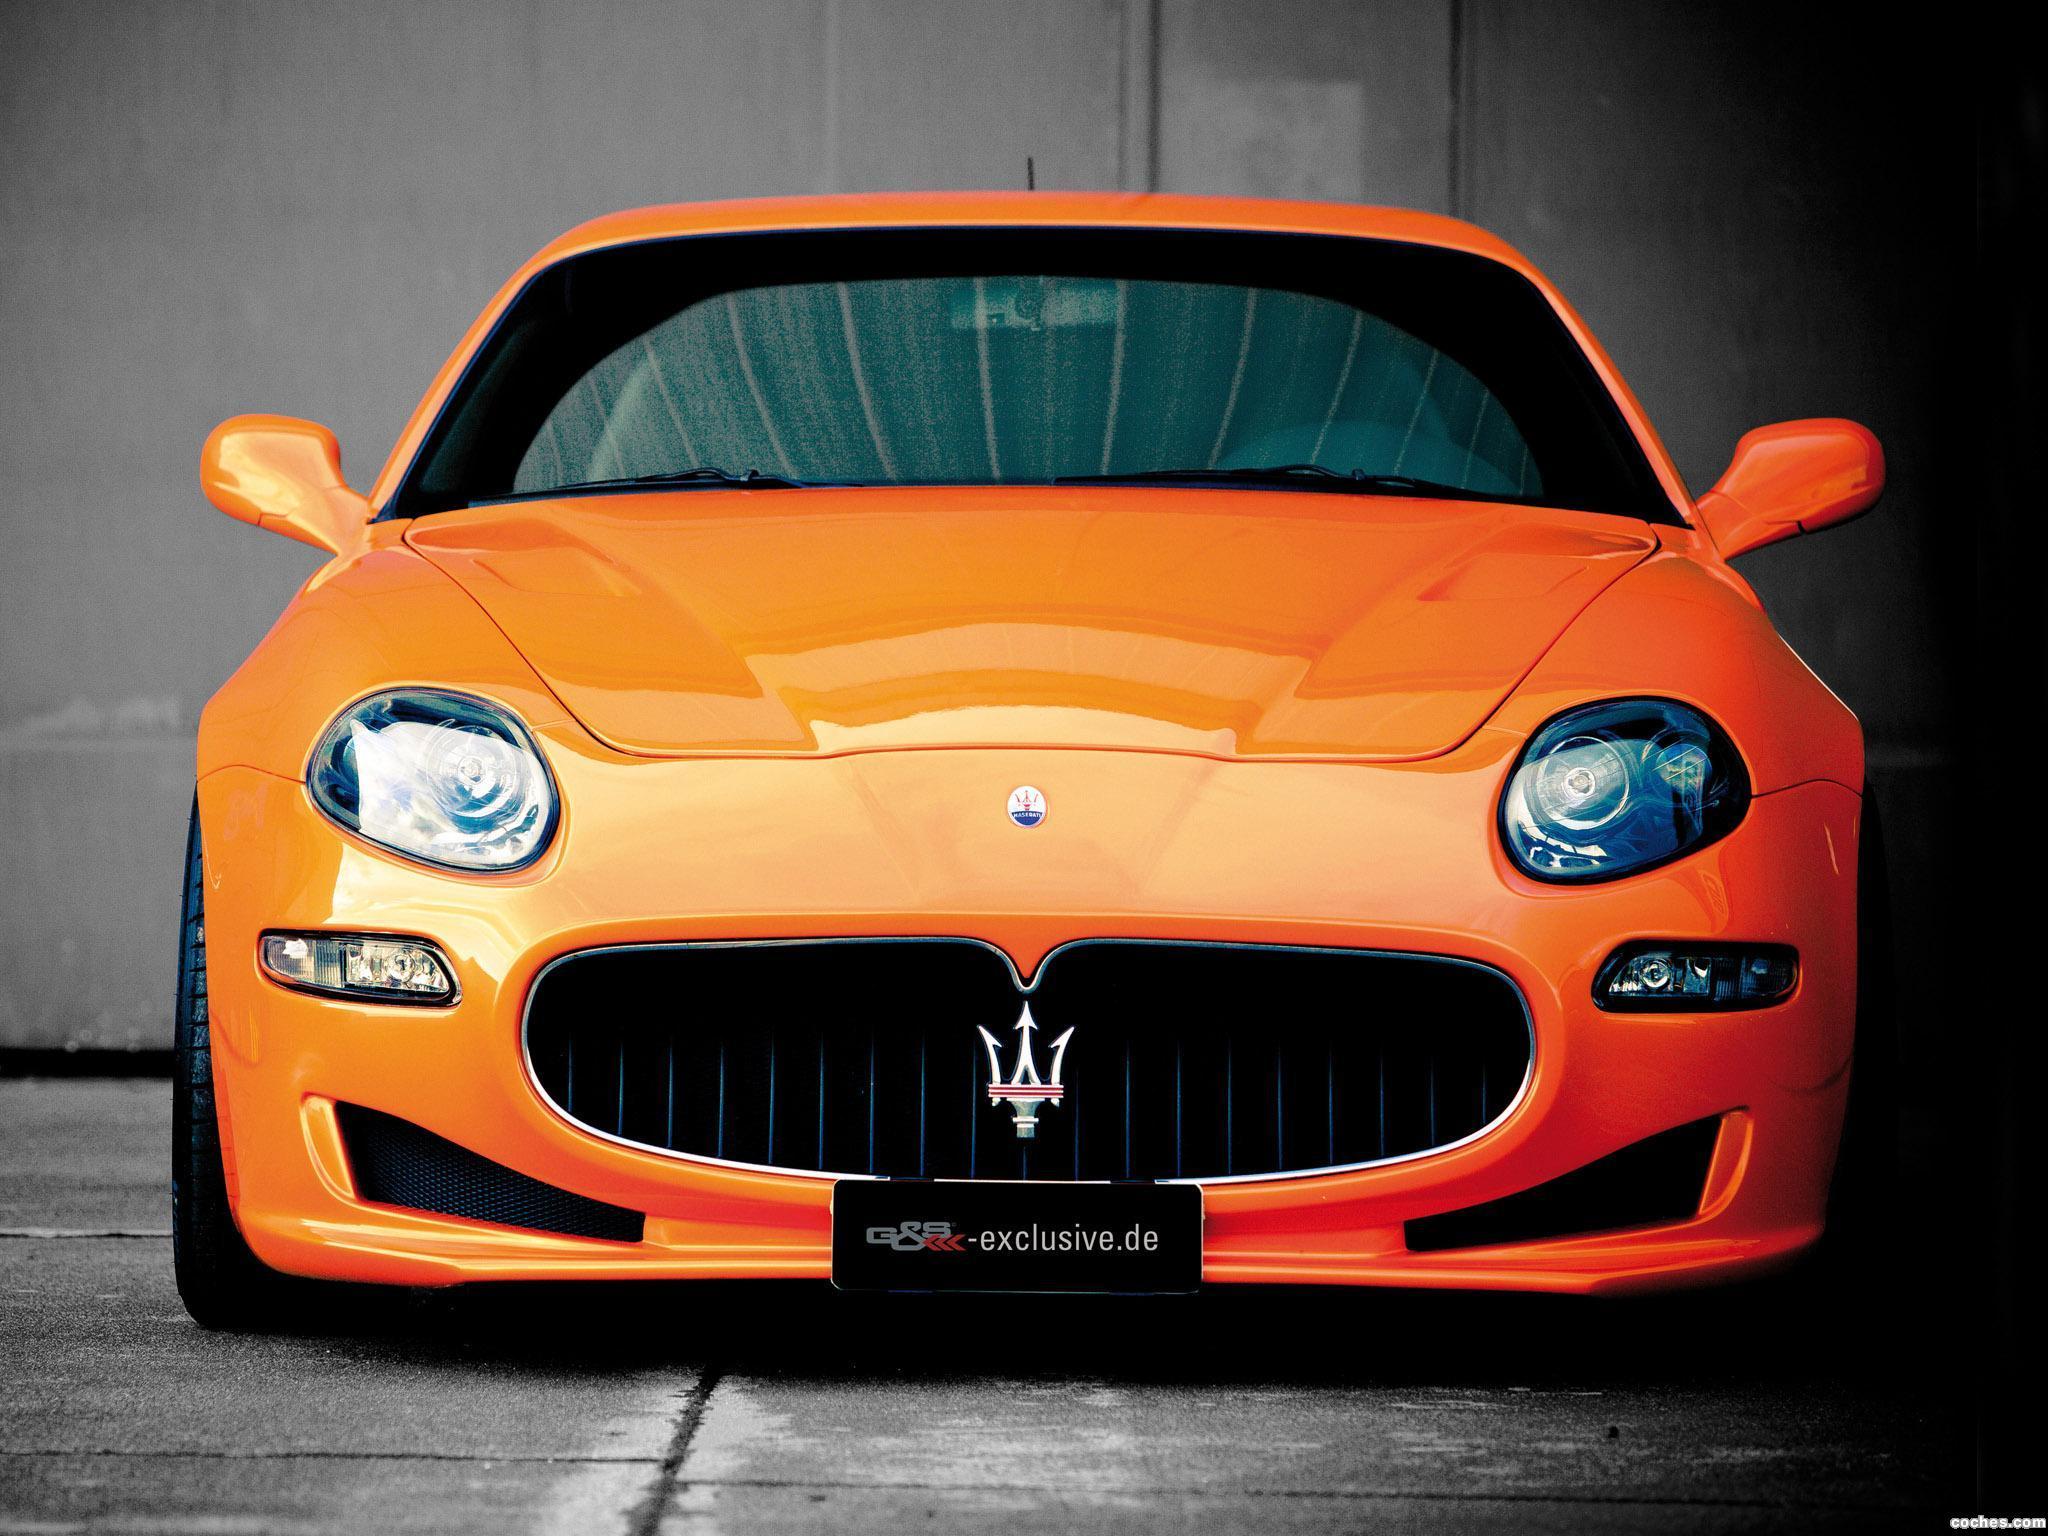 Foto 0 de Maserati G&S Exclusive 4200 Evo Dynamic Trident 2012